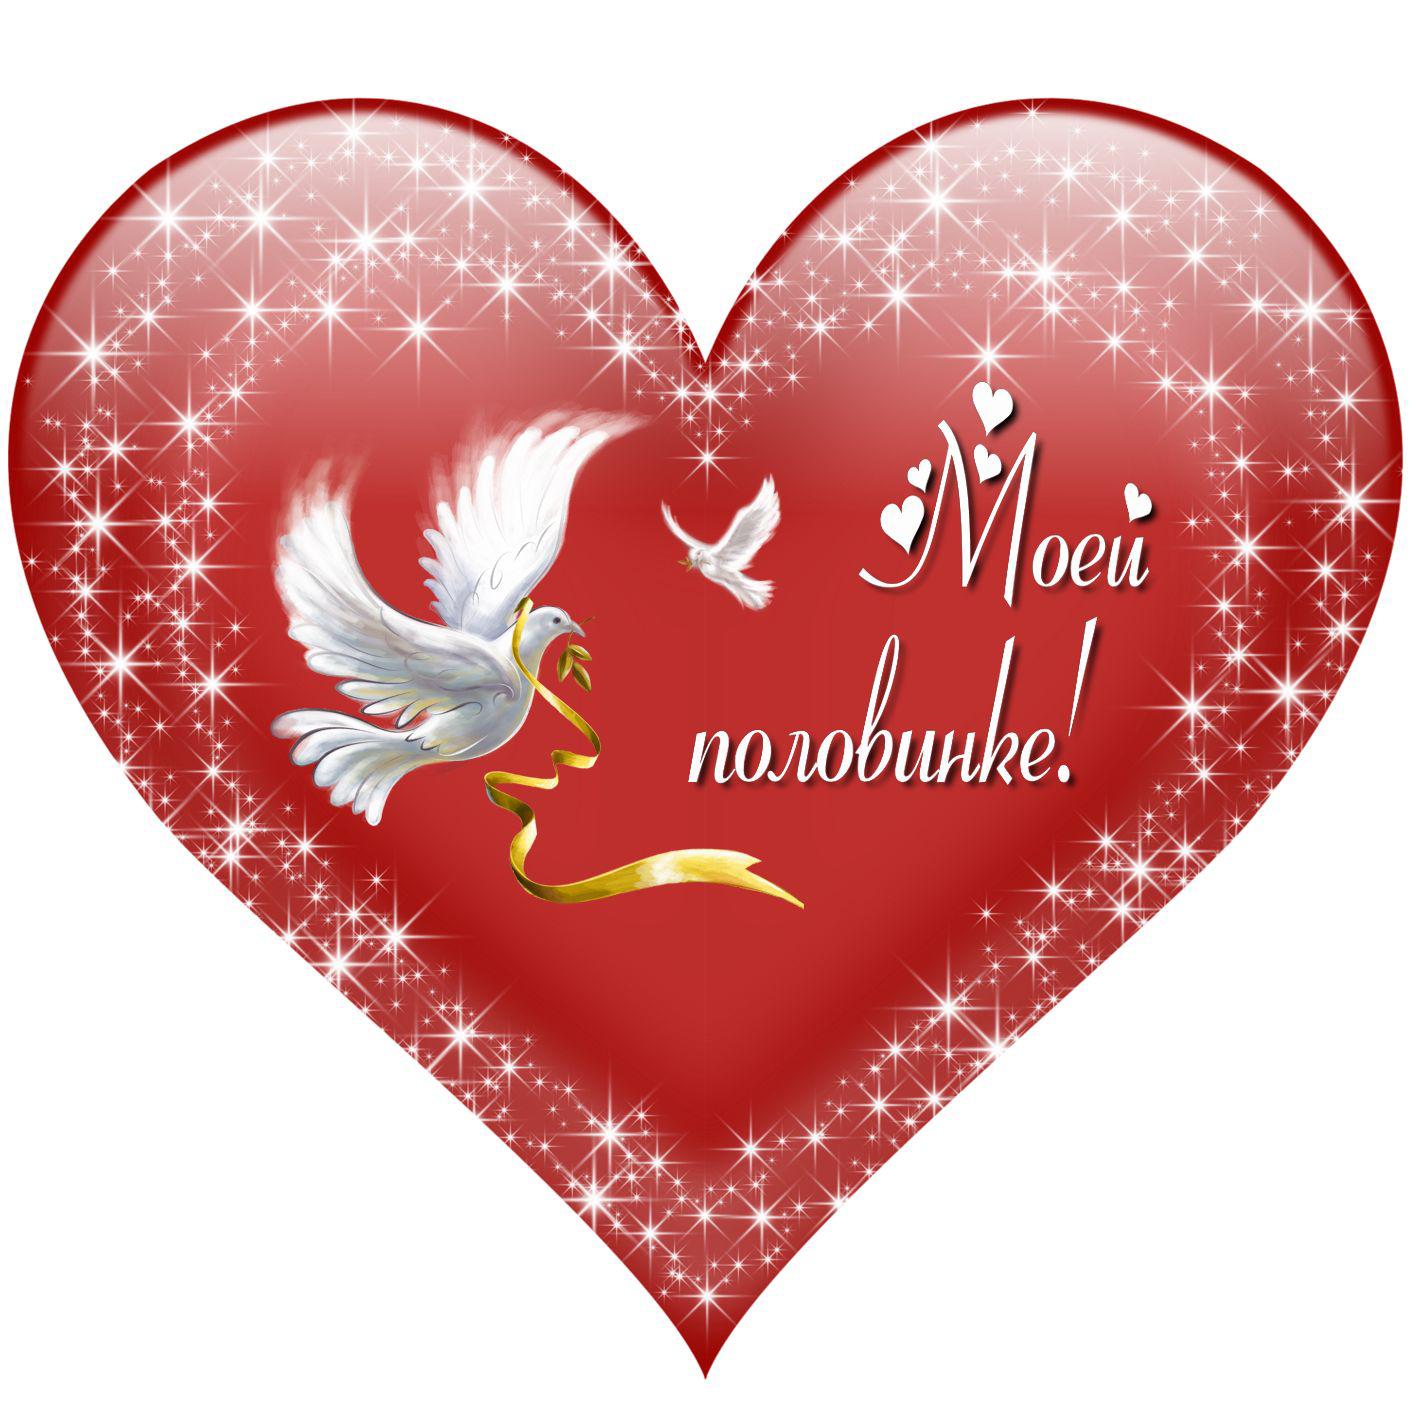 Валентинка - голубь несет послание своей половинке